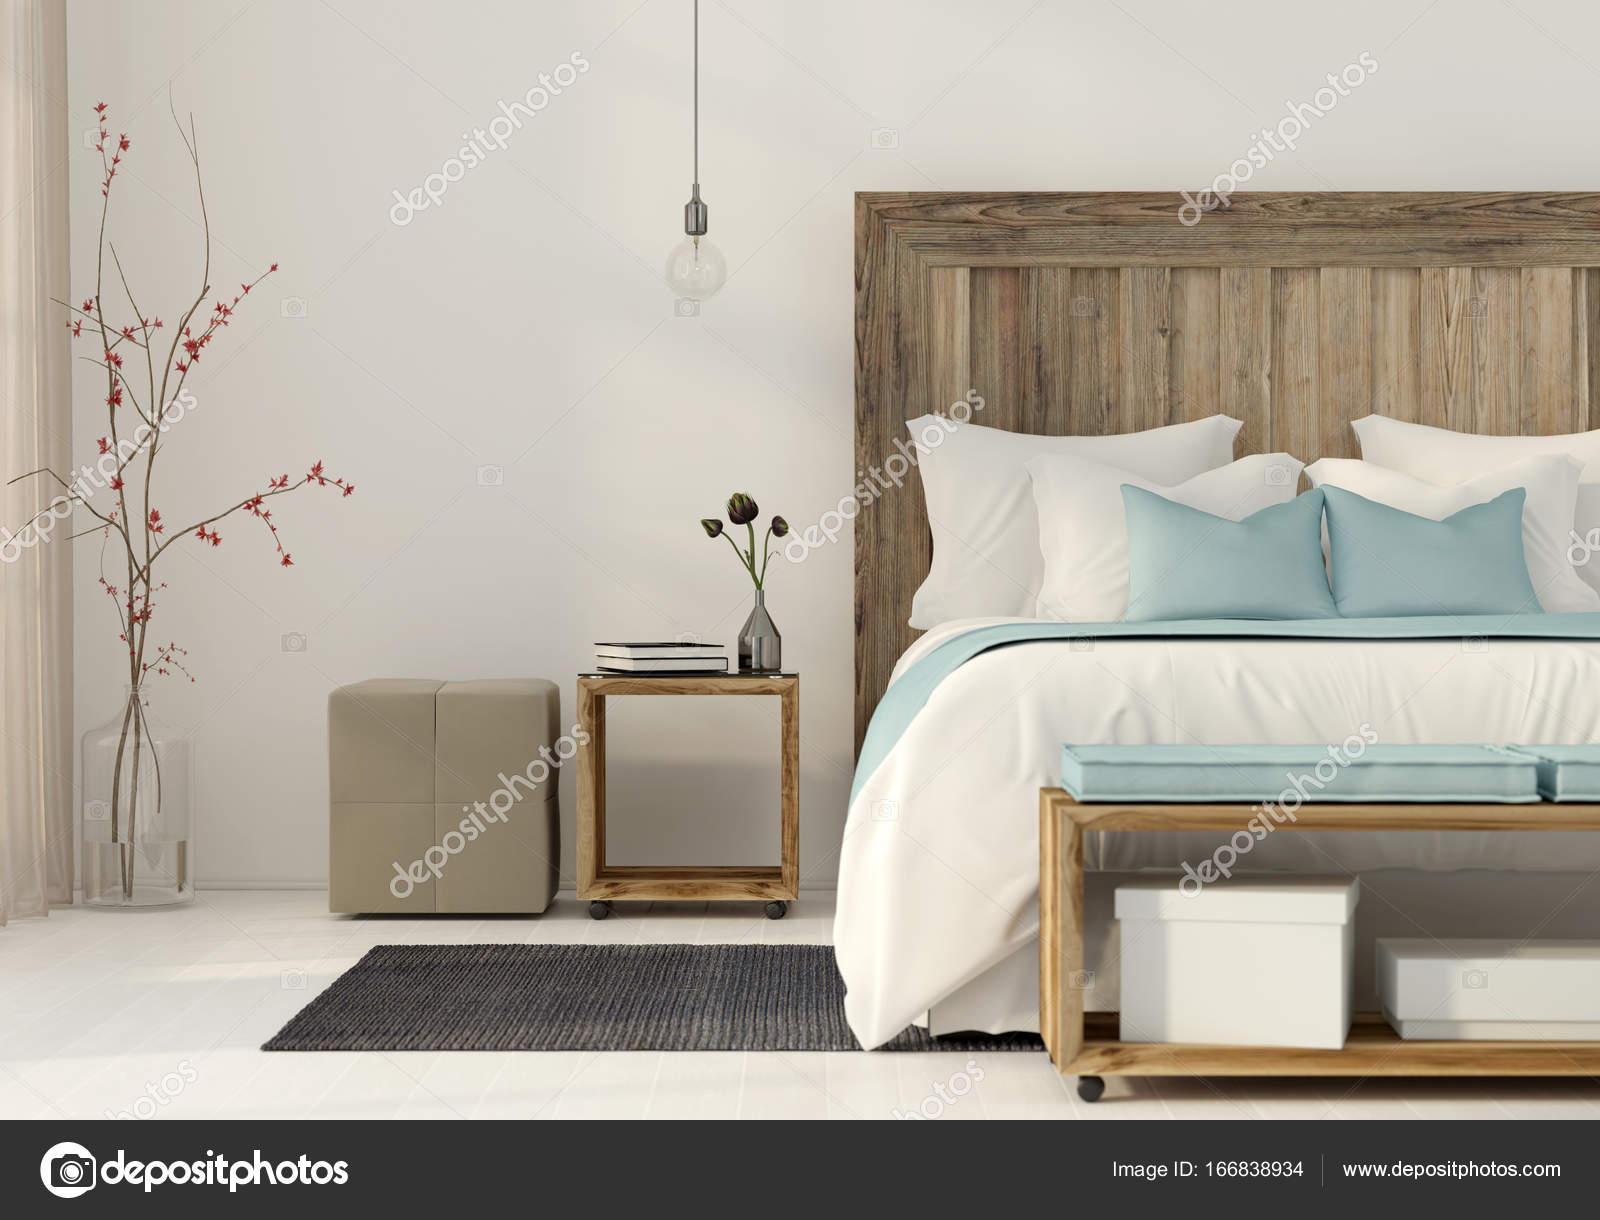 Camera Da Letto Stile Minimalista : Camera da letto in stile minimalista u foto stock jzhuk